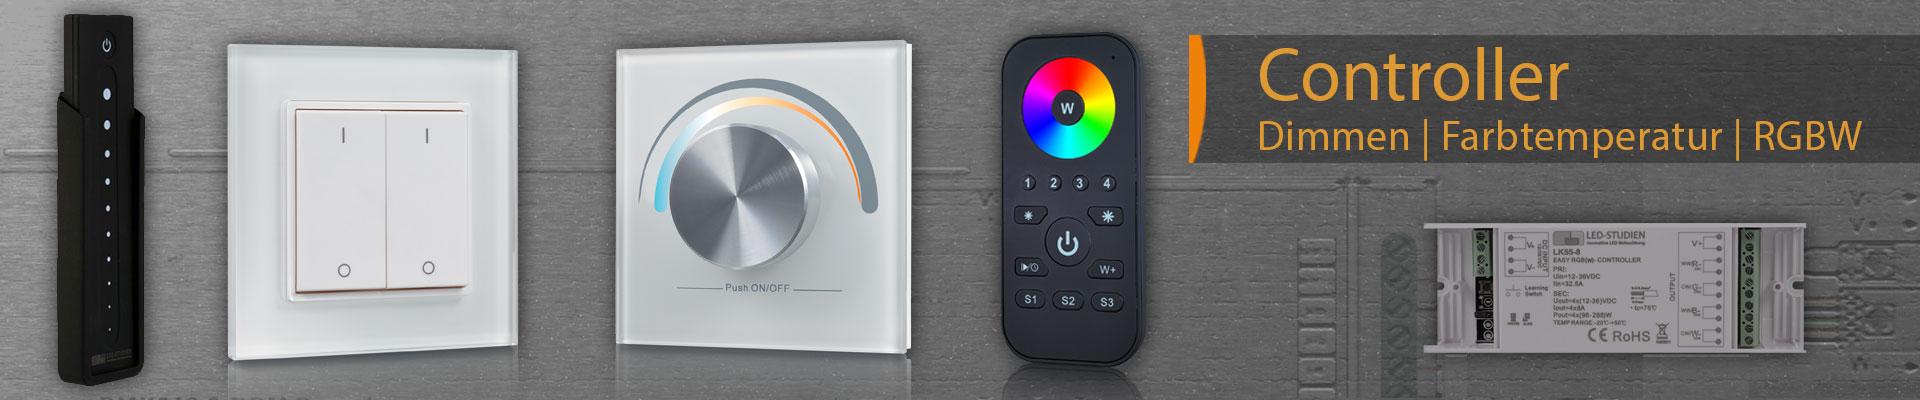 Teaser LED Controller